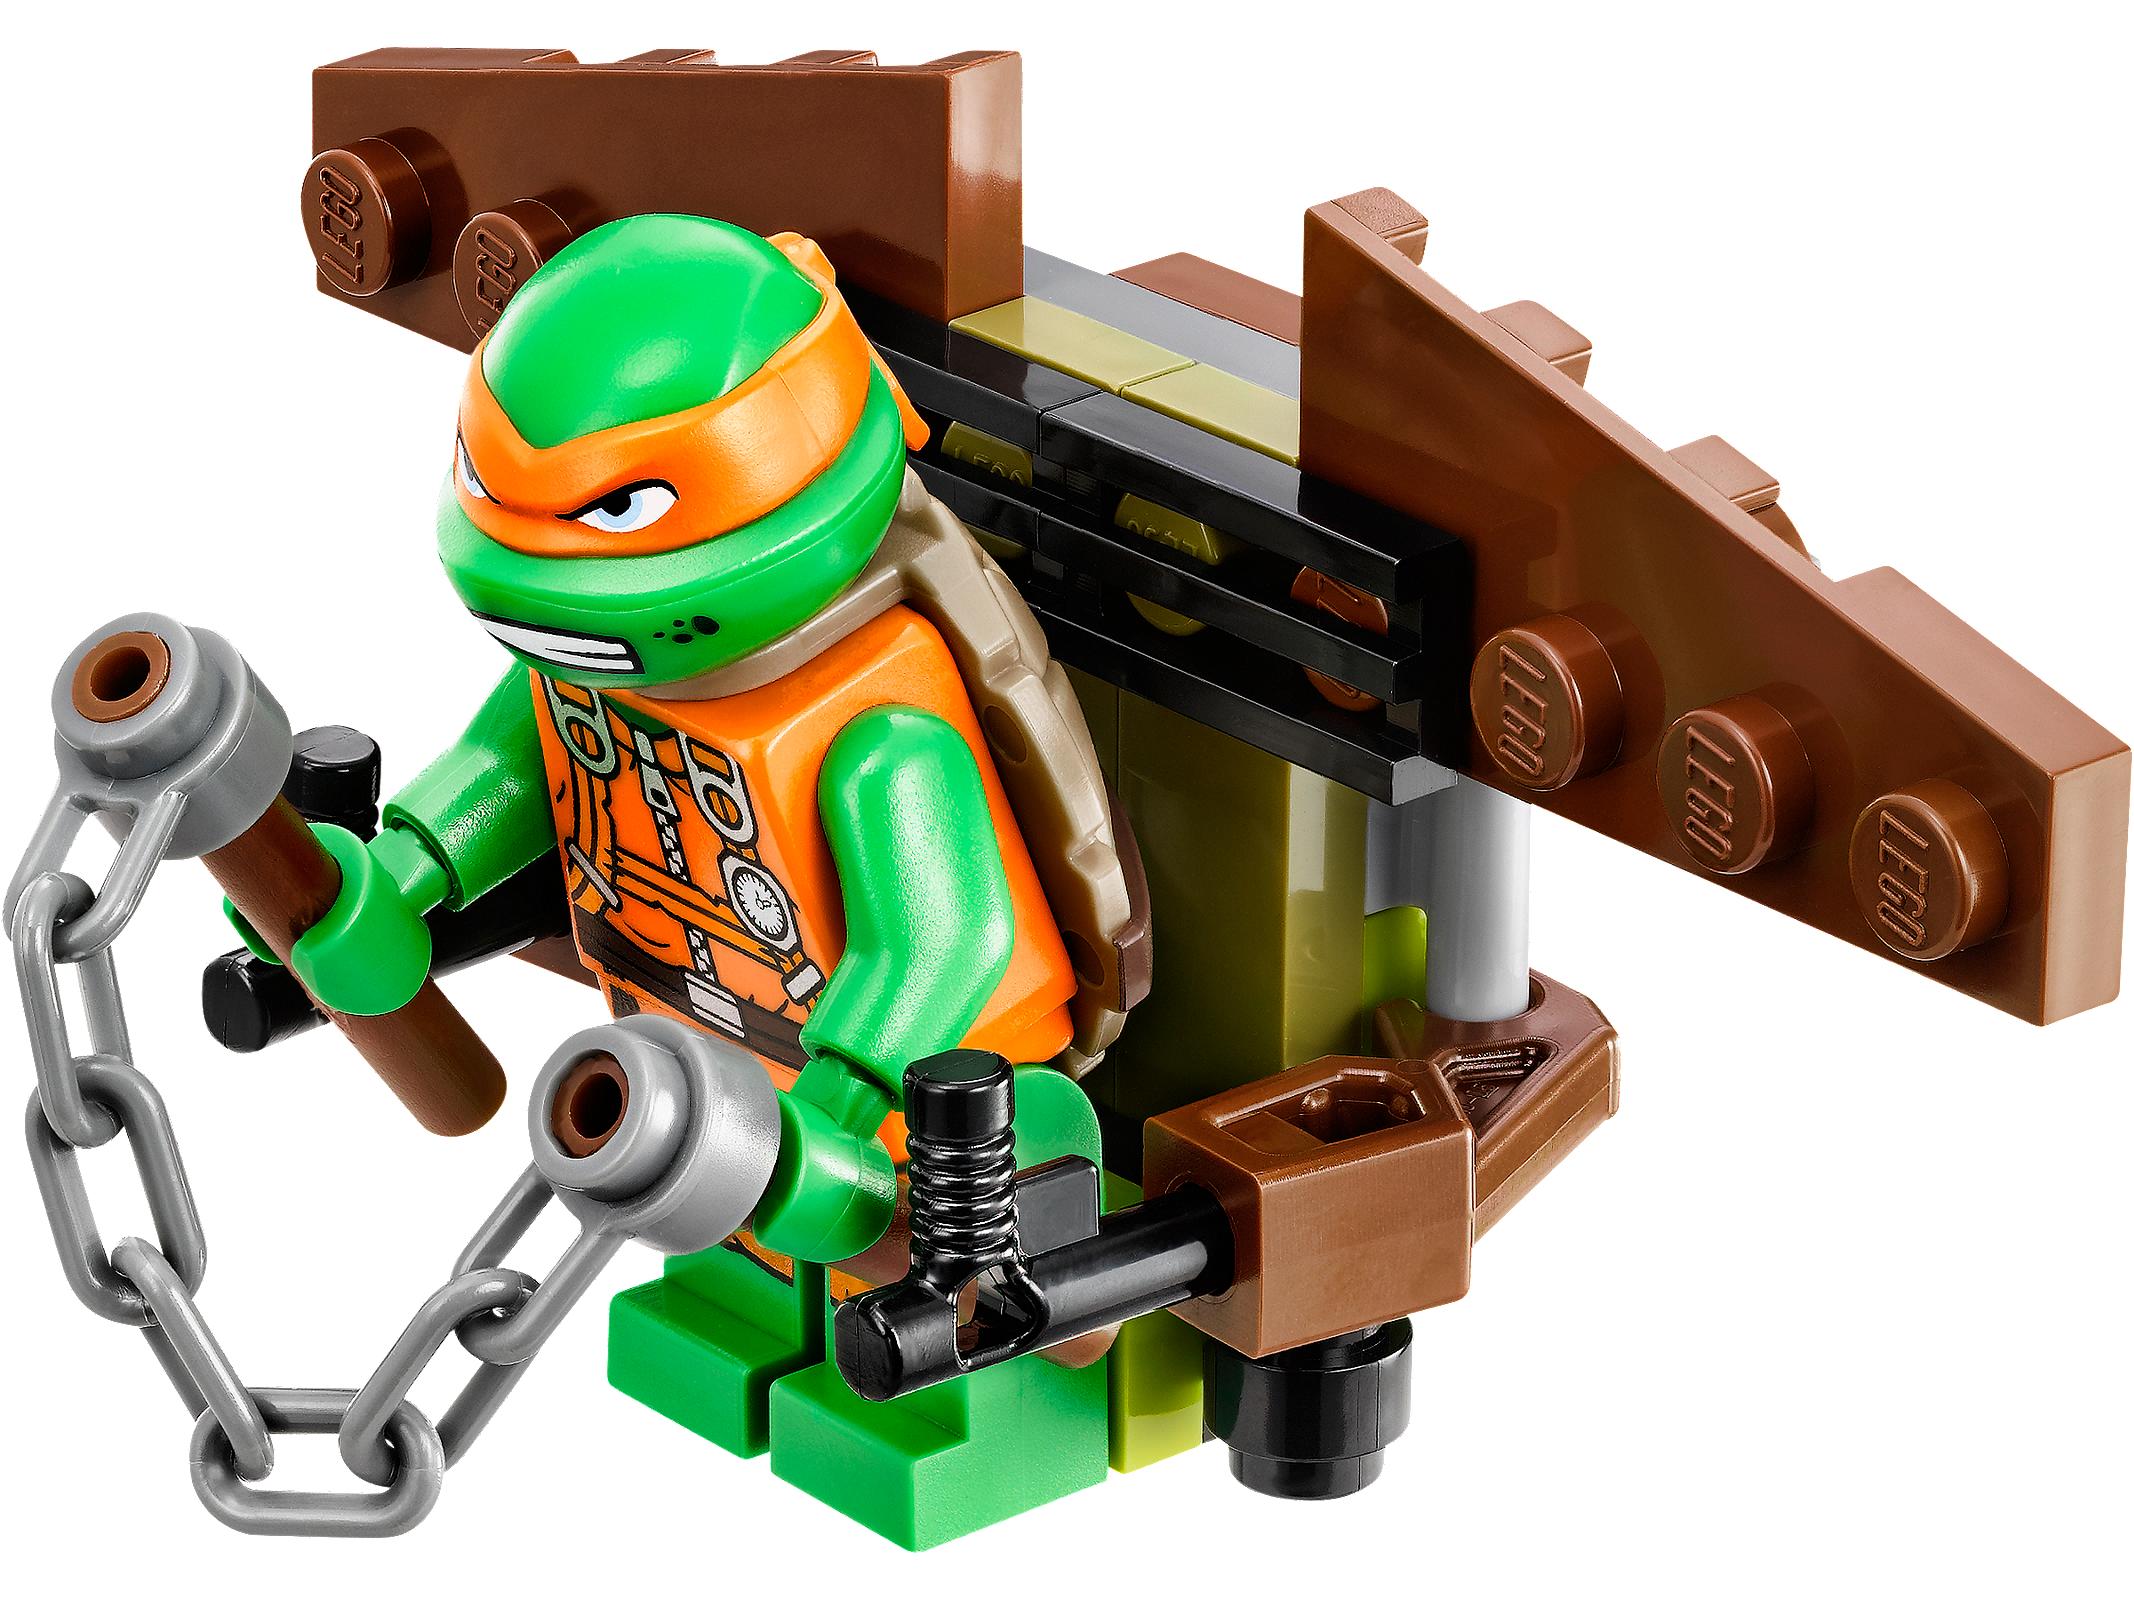 Картинка черепашек ниндзя лего